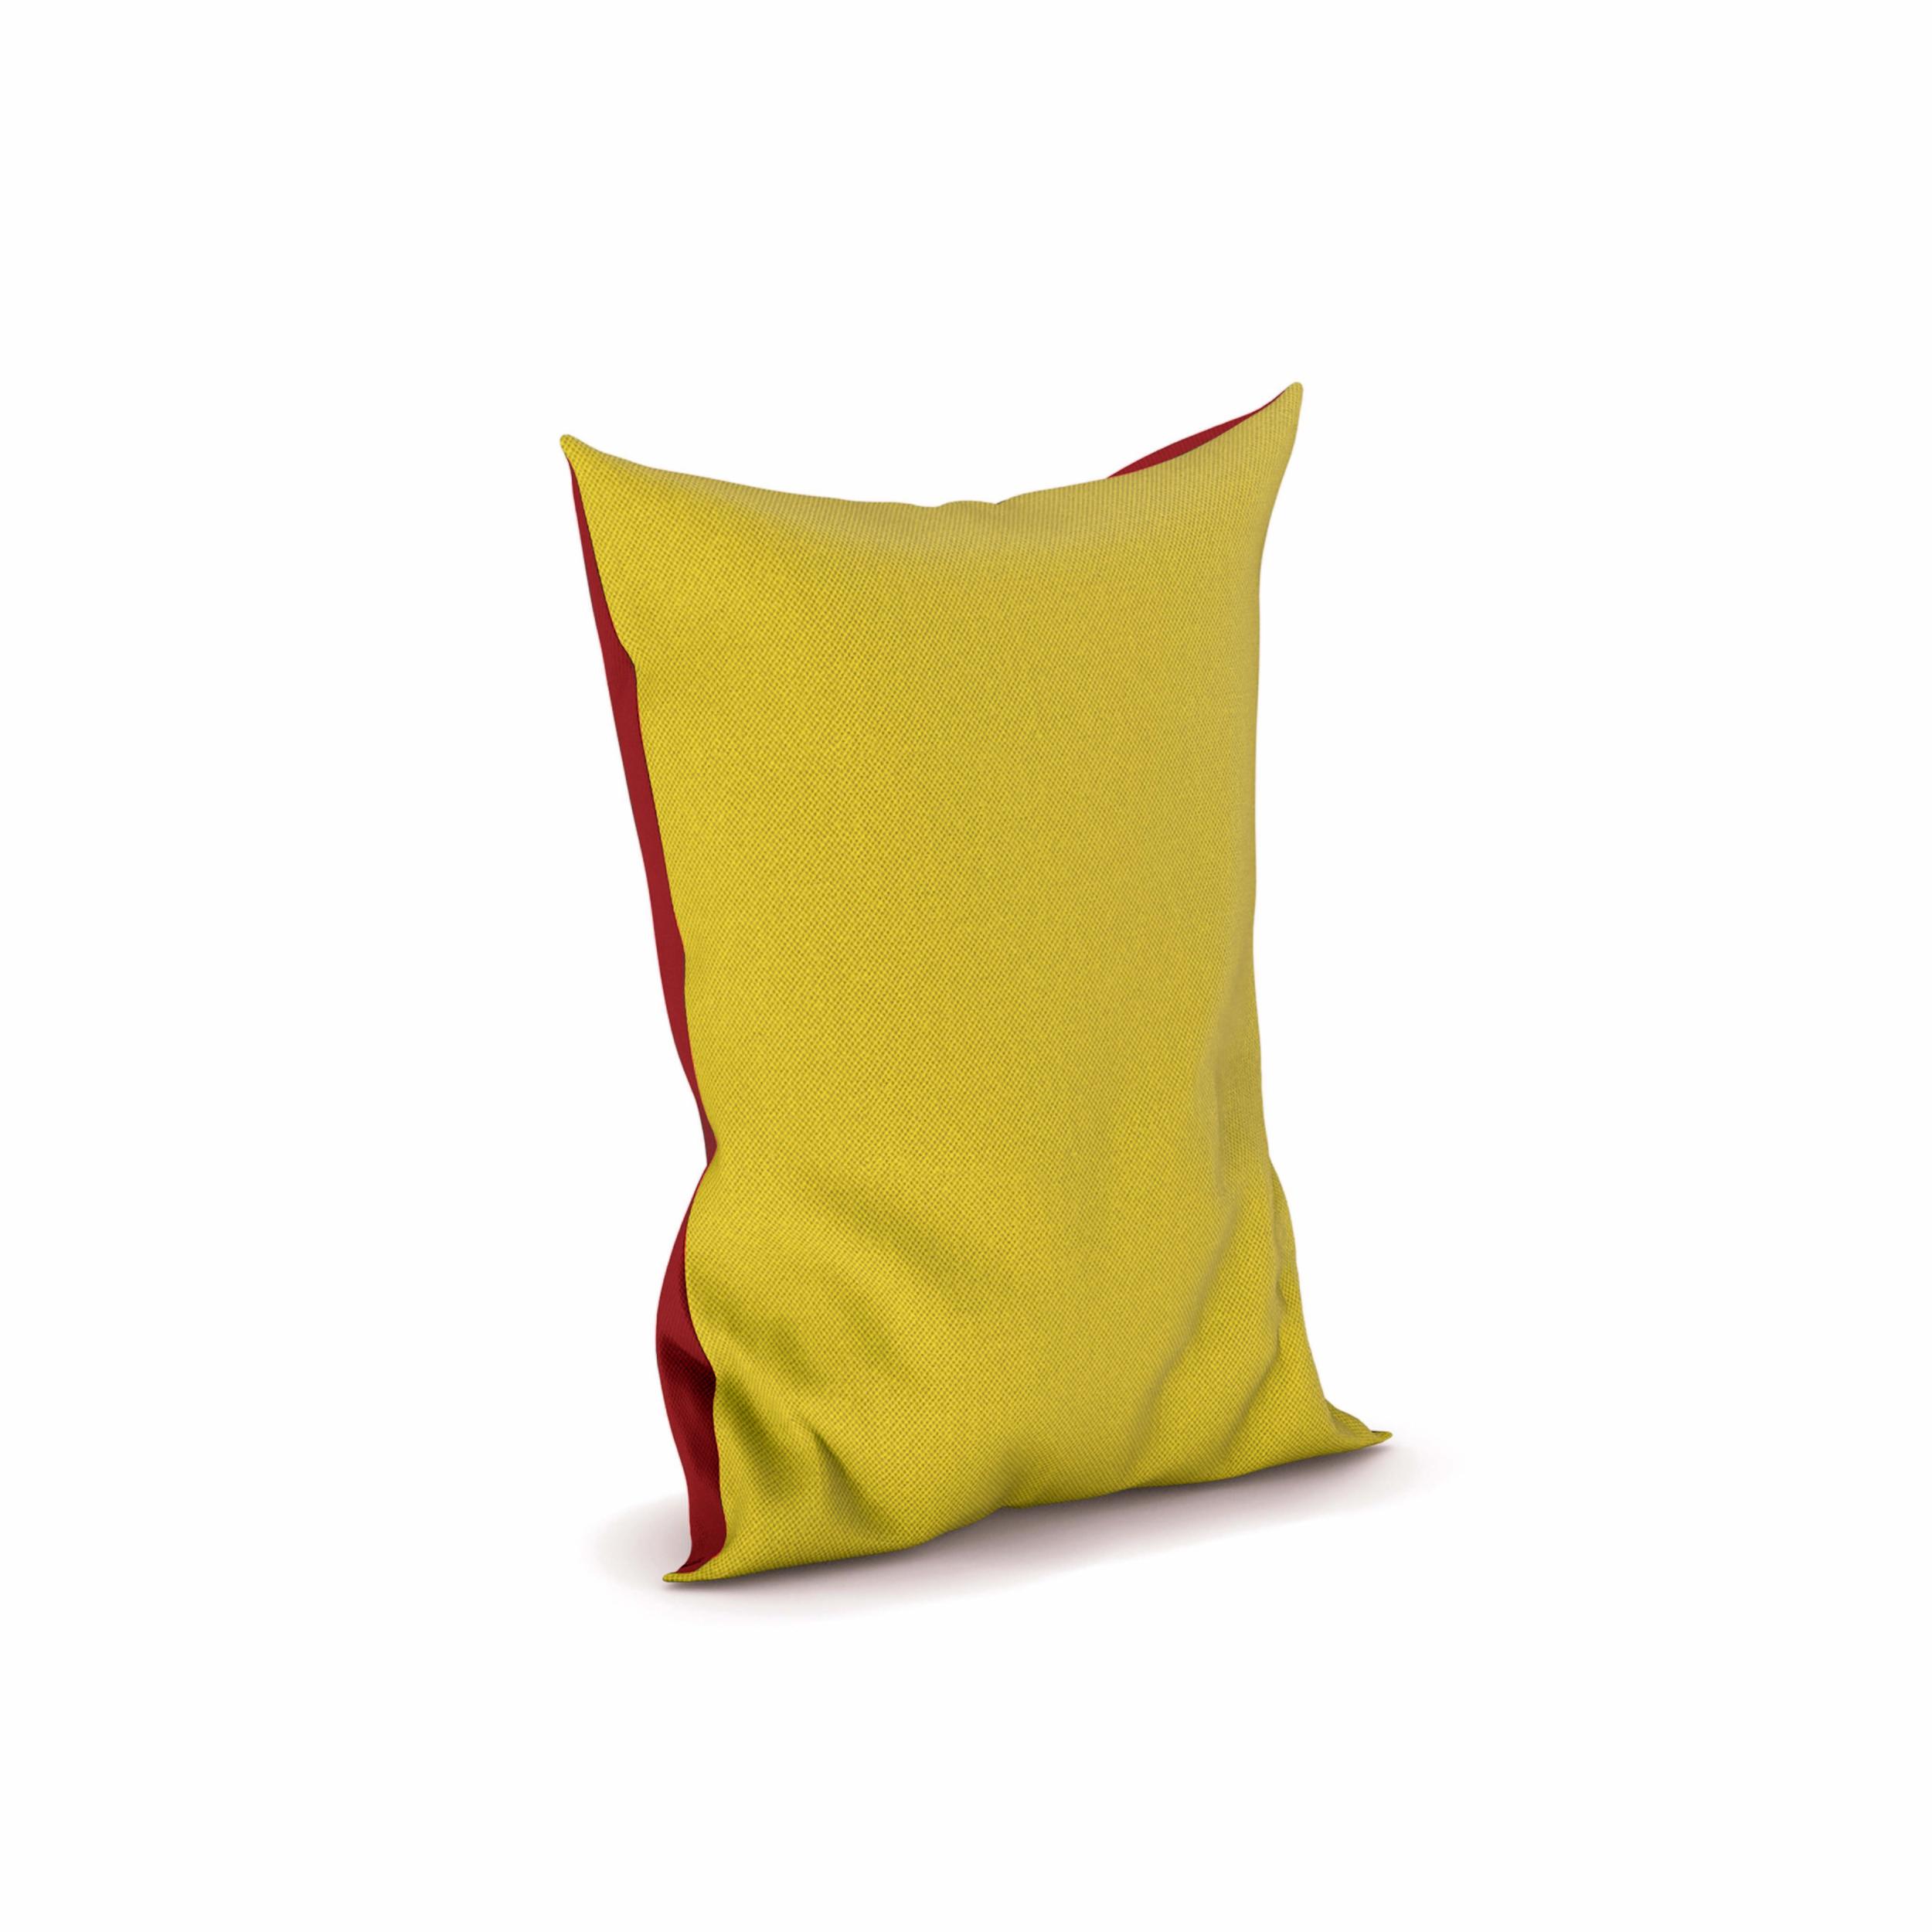 Grand pouf Snooz bicolore